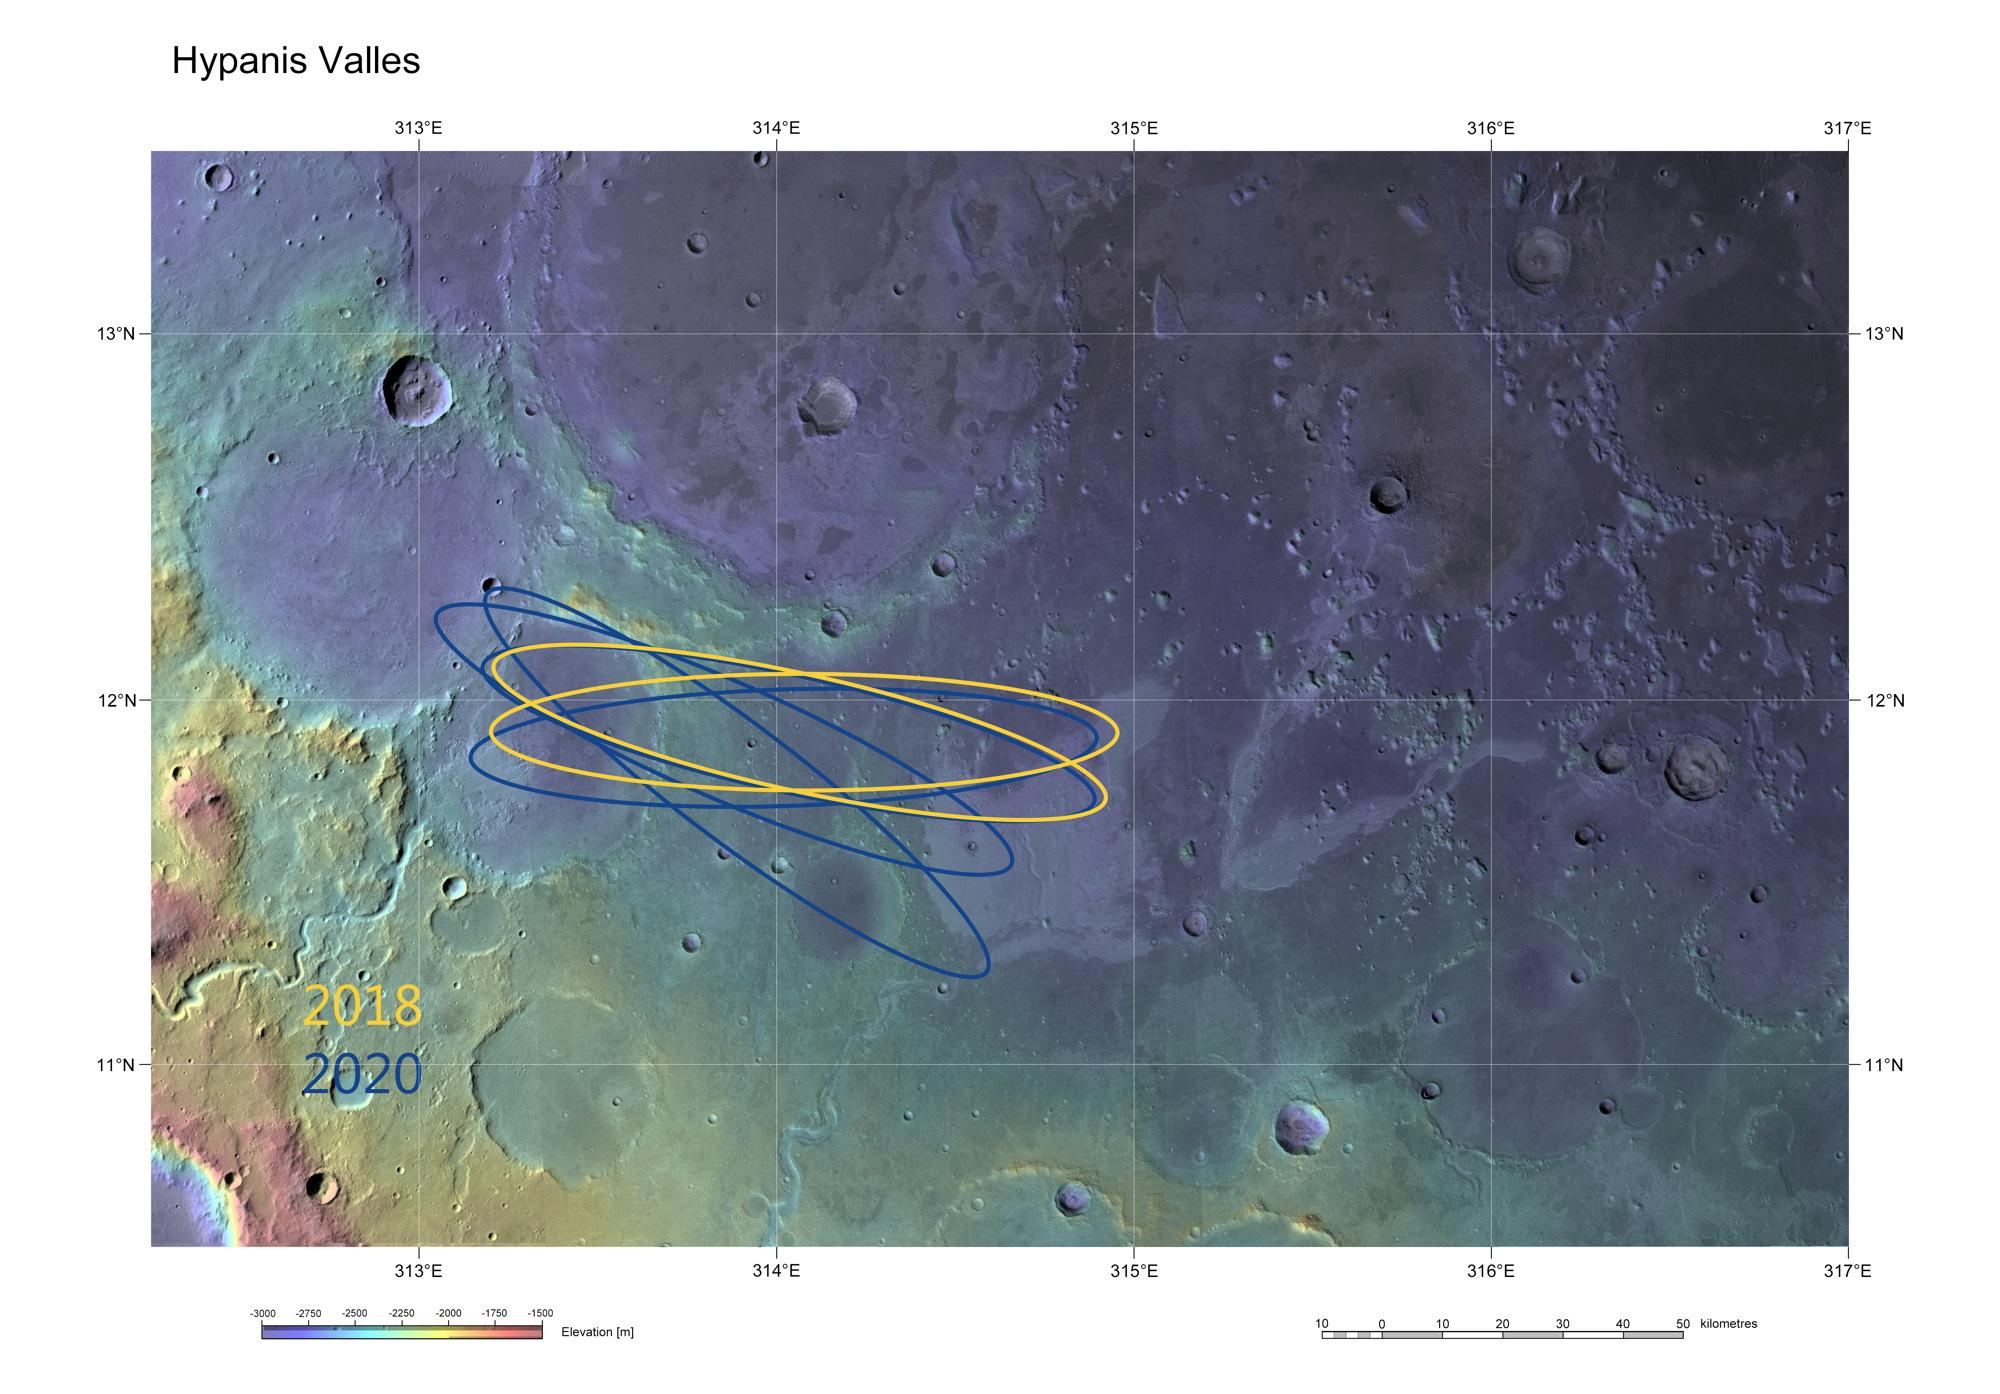 ExoMars Candidate Landing Site Hypanis Vallis